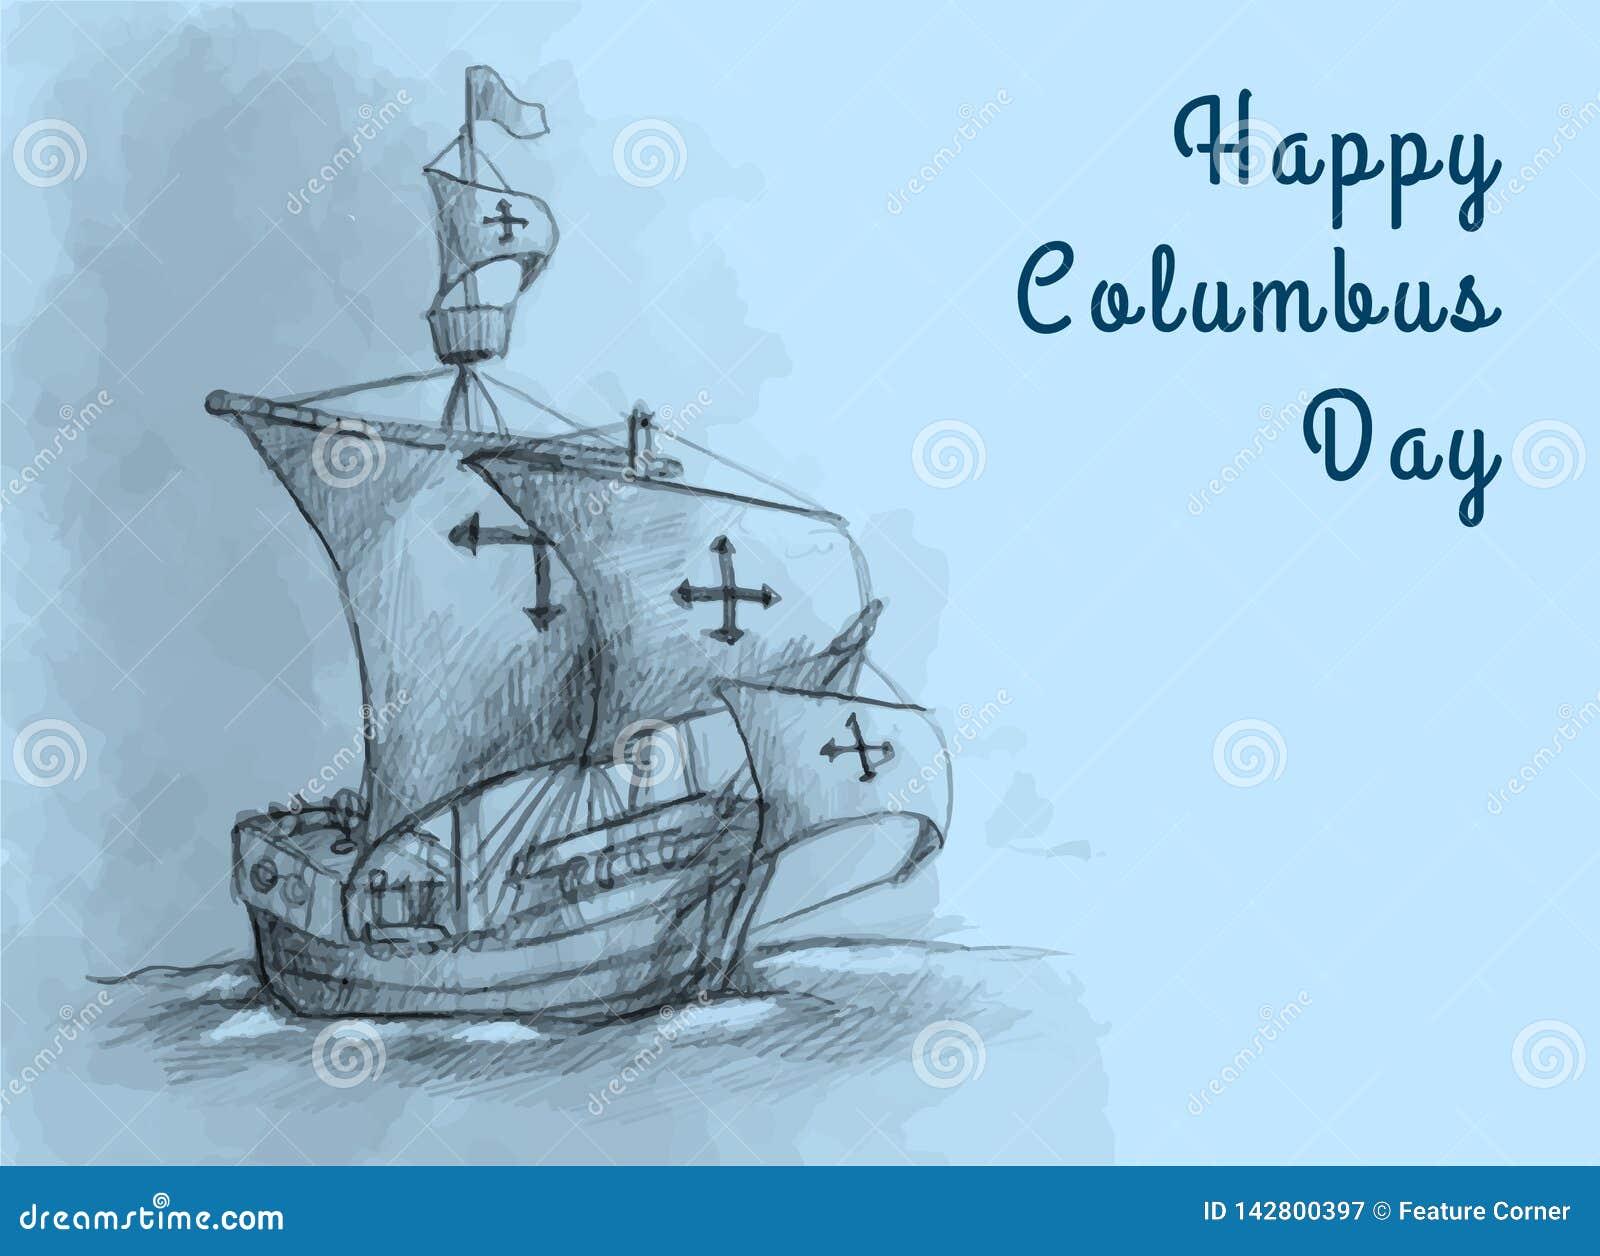 Szczęśliwy Kolumb dnia projekta pojęcia Wektorowy Płaski projekt Szczęśliwi Kolumb dnia powitania, sztandar, pocztówka, plakat lu